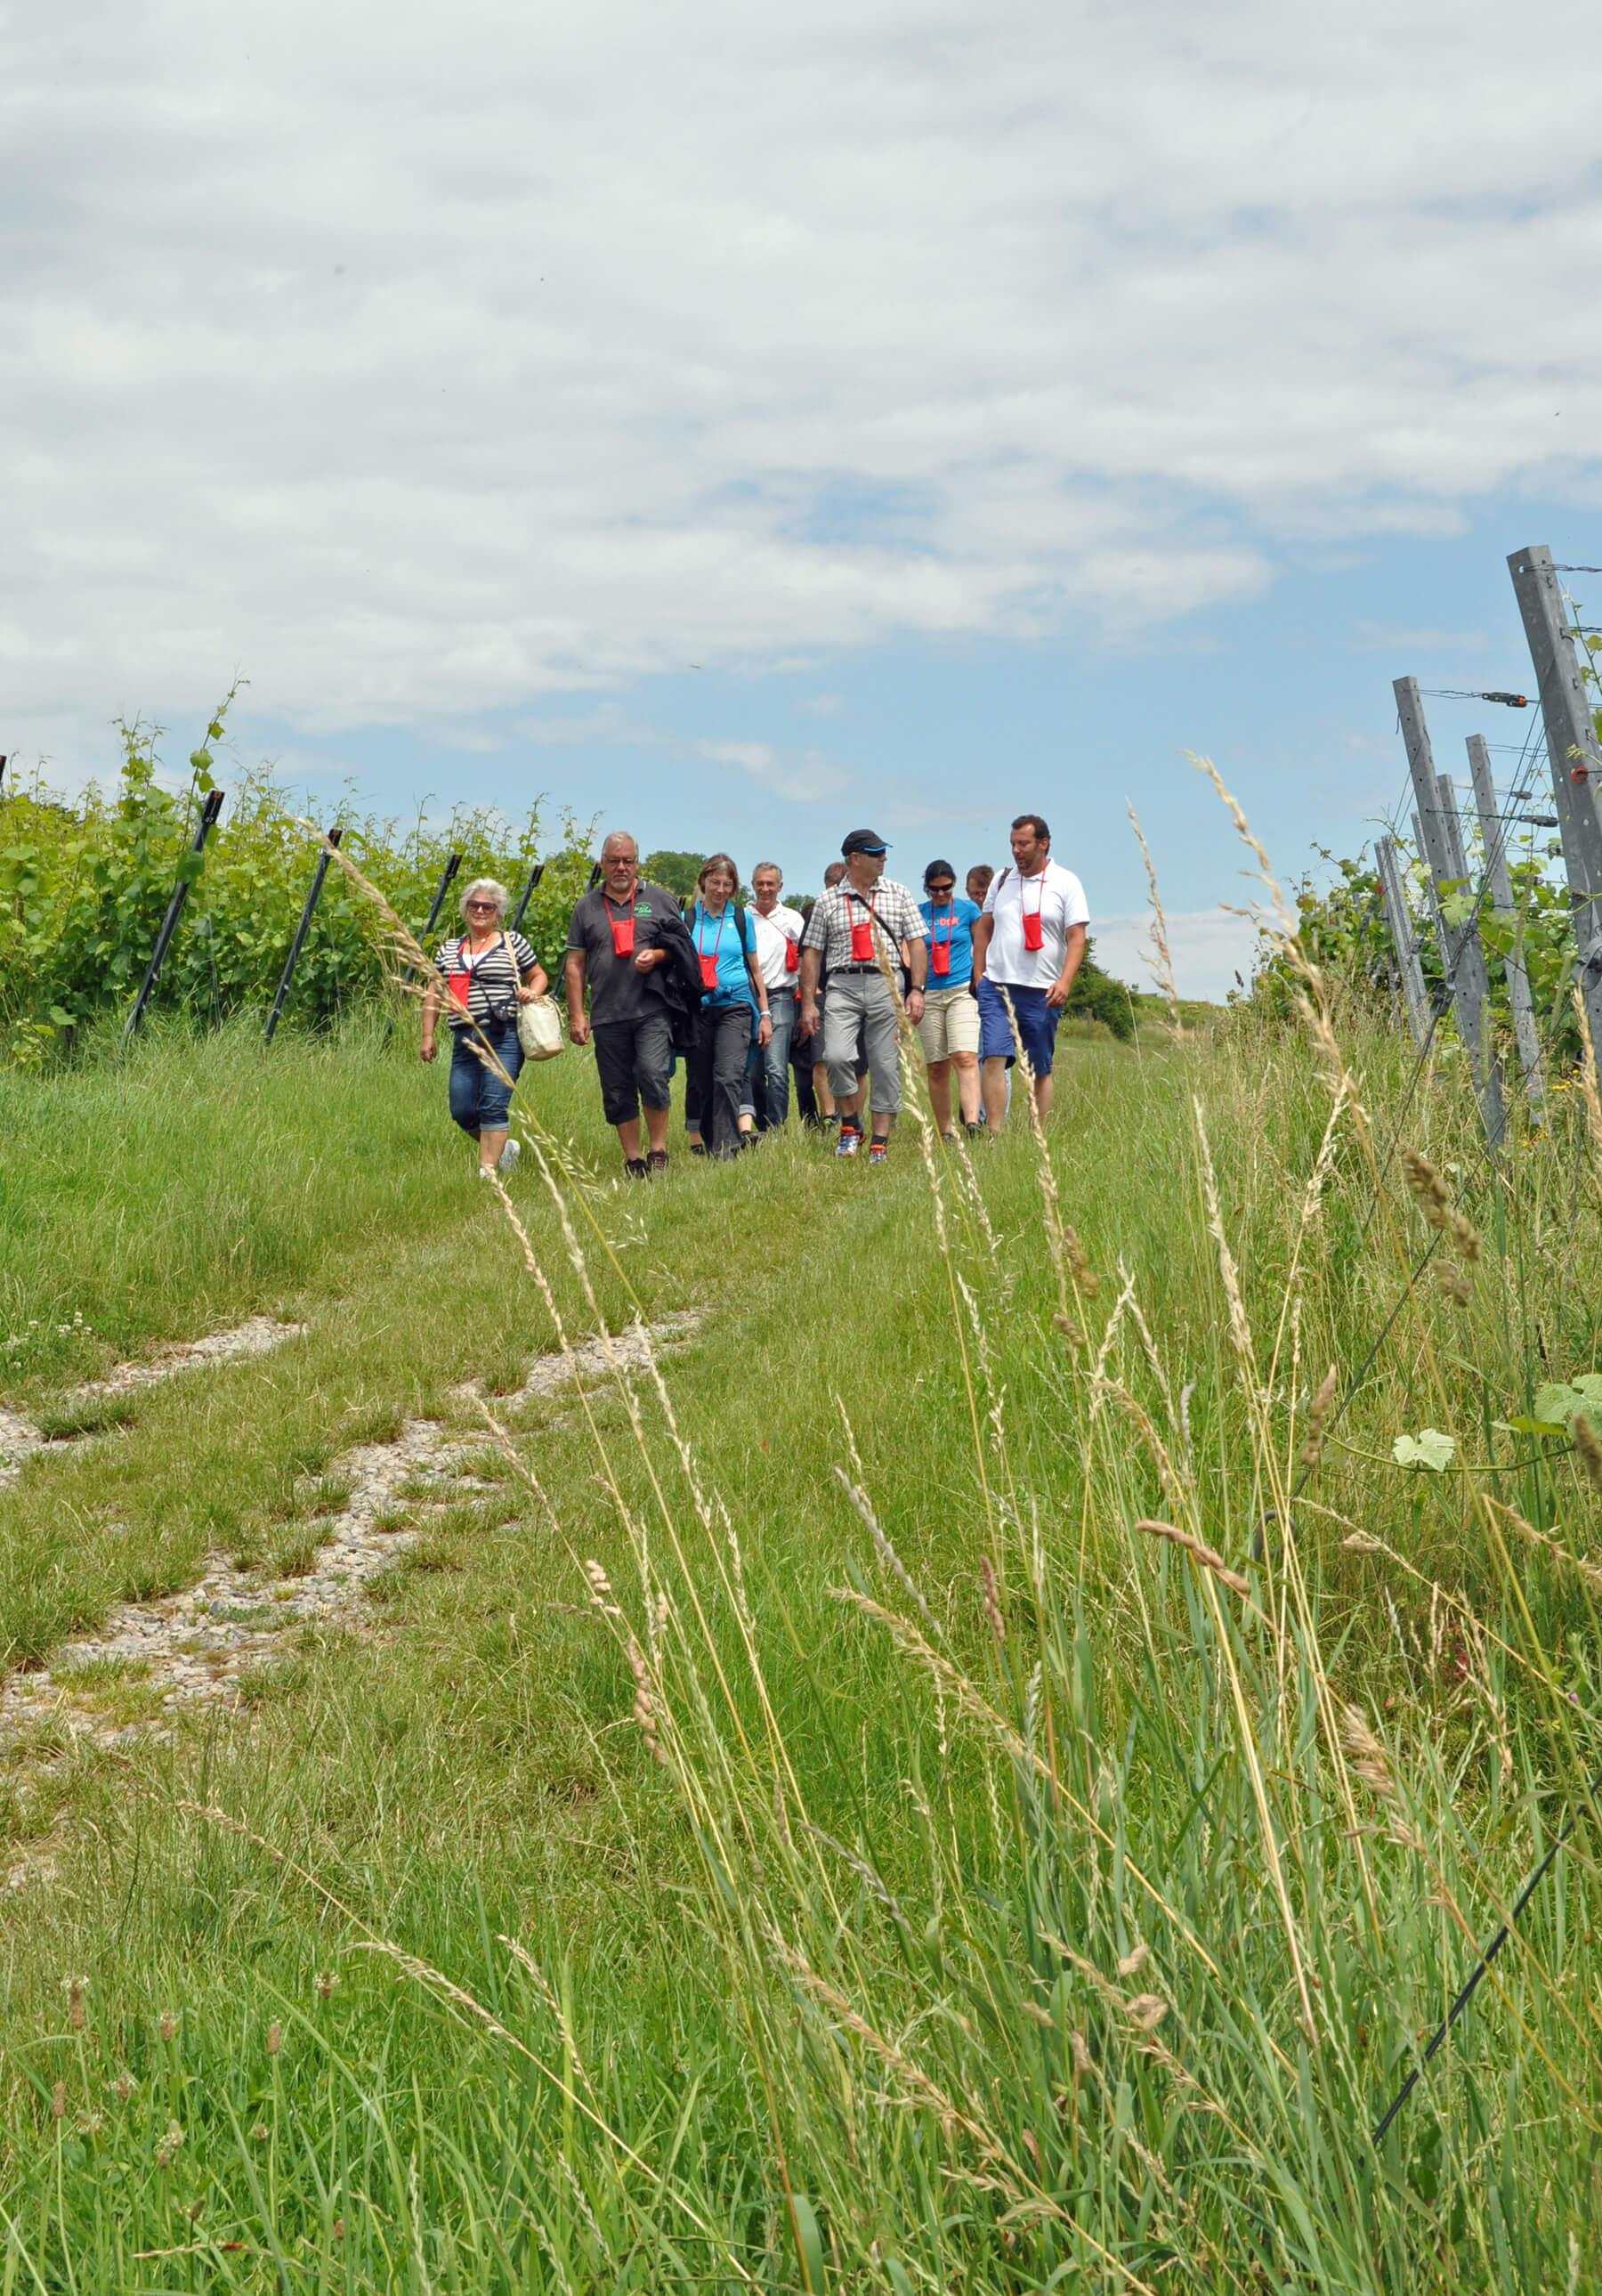 Erkennungszeichen roter Stoffbeutel: Jens Rüdiger (rechts) führt die Gruppe durch die Weinberge